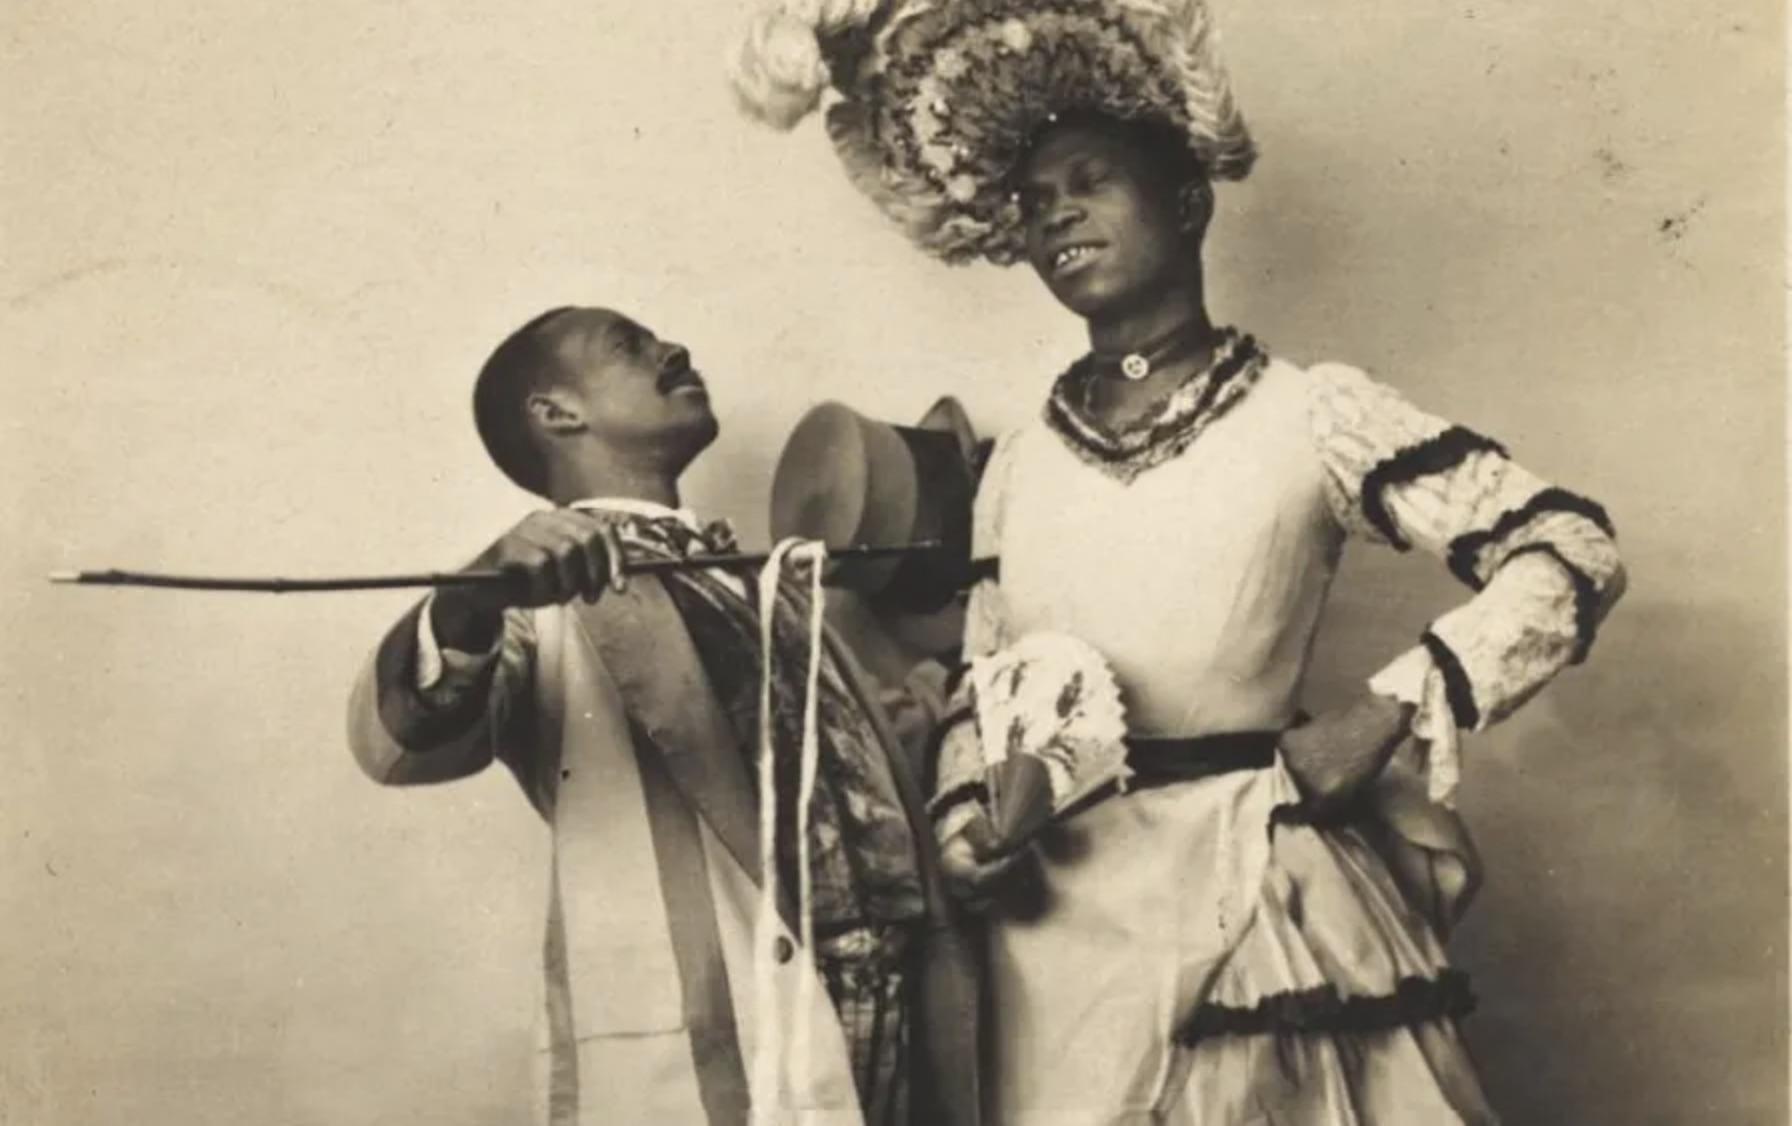 William Dorsey Swann, uma das primeiras drag queens do mundo, era negra e ex-escrava